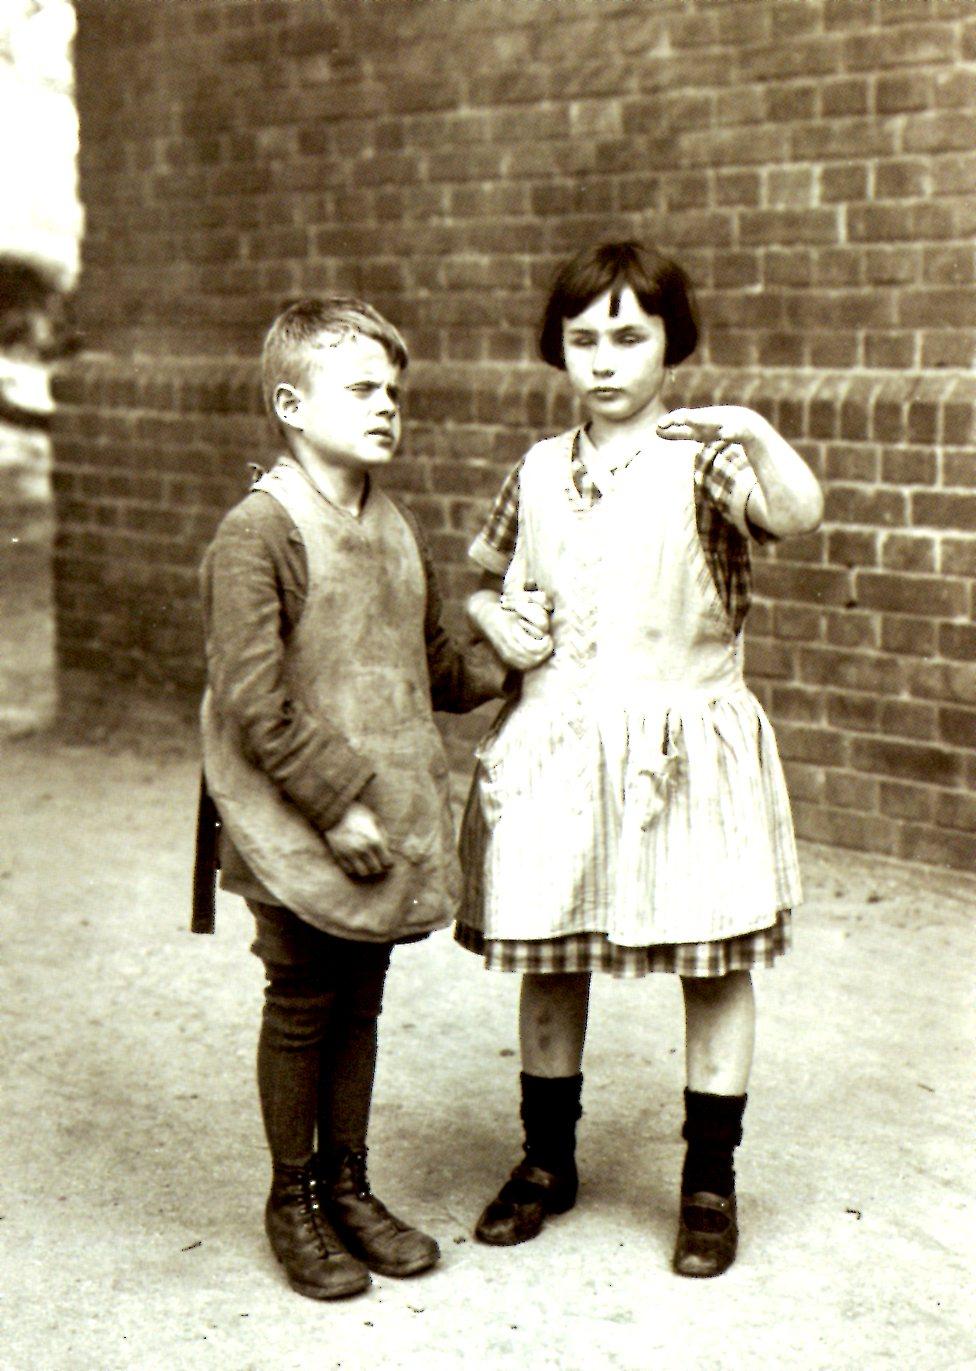 1925 Sanders August Enfants aveugles.jpg